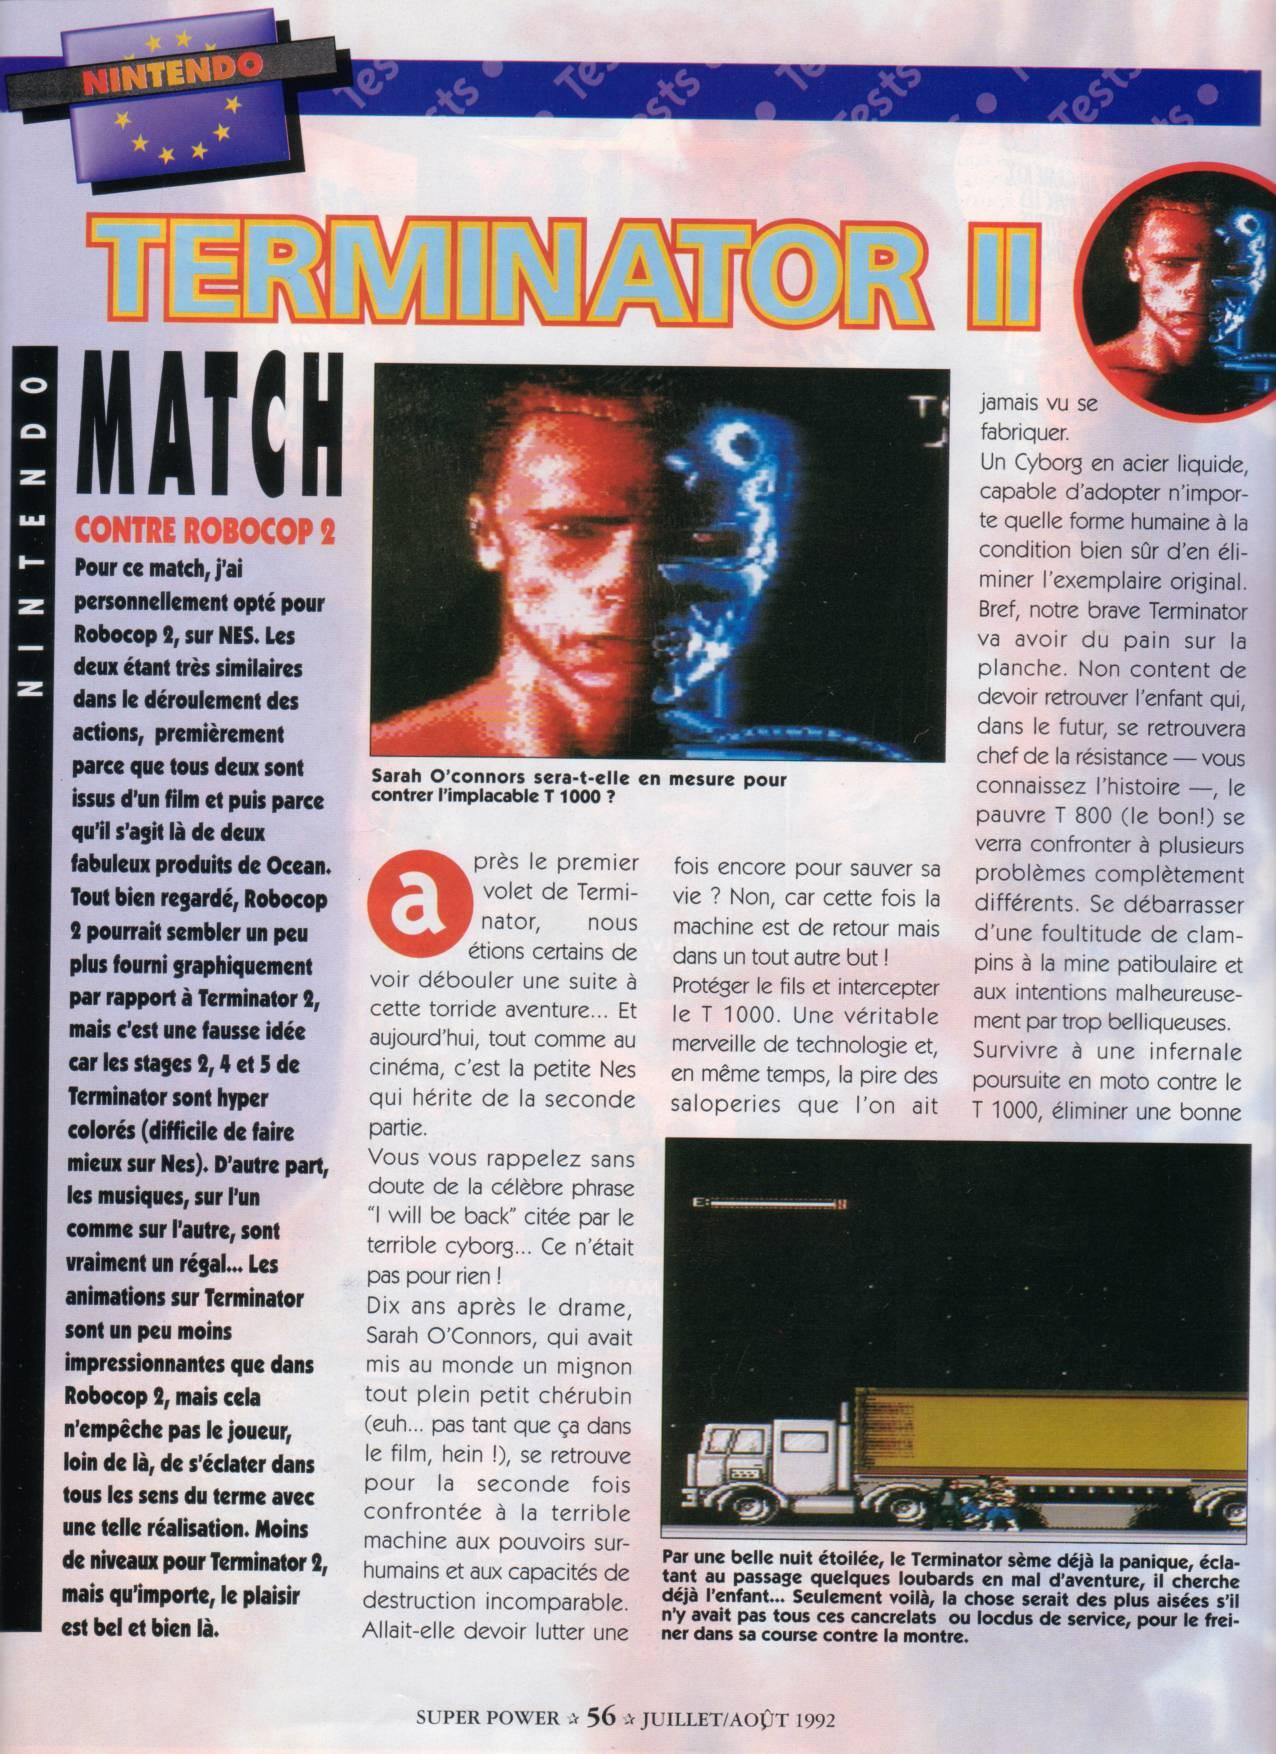 Les magazines de jeux vidéo c'était mieux avant ? Super%20Power%20001%20-%20Page%20056%20(1992-07-08)